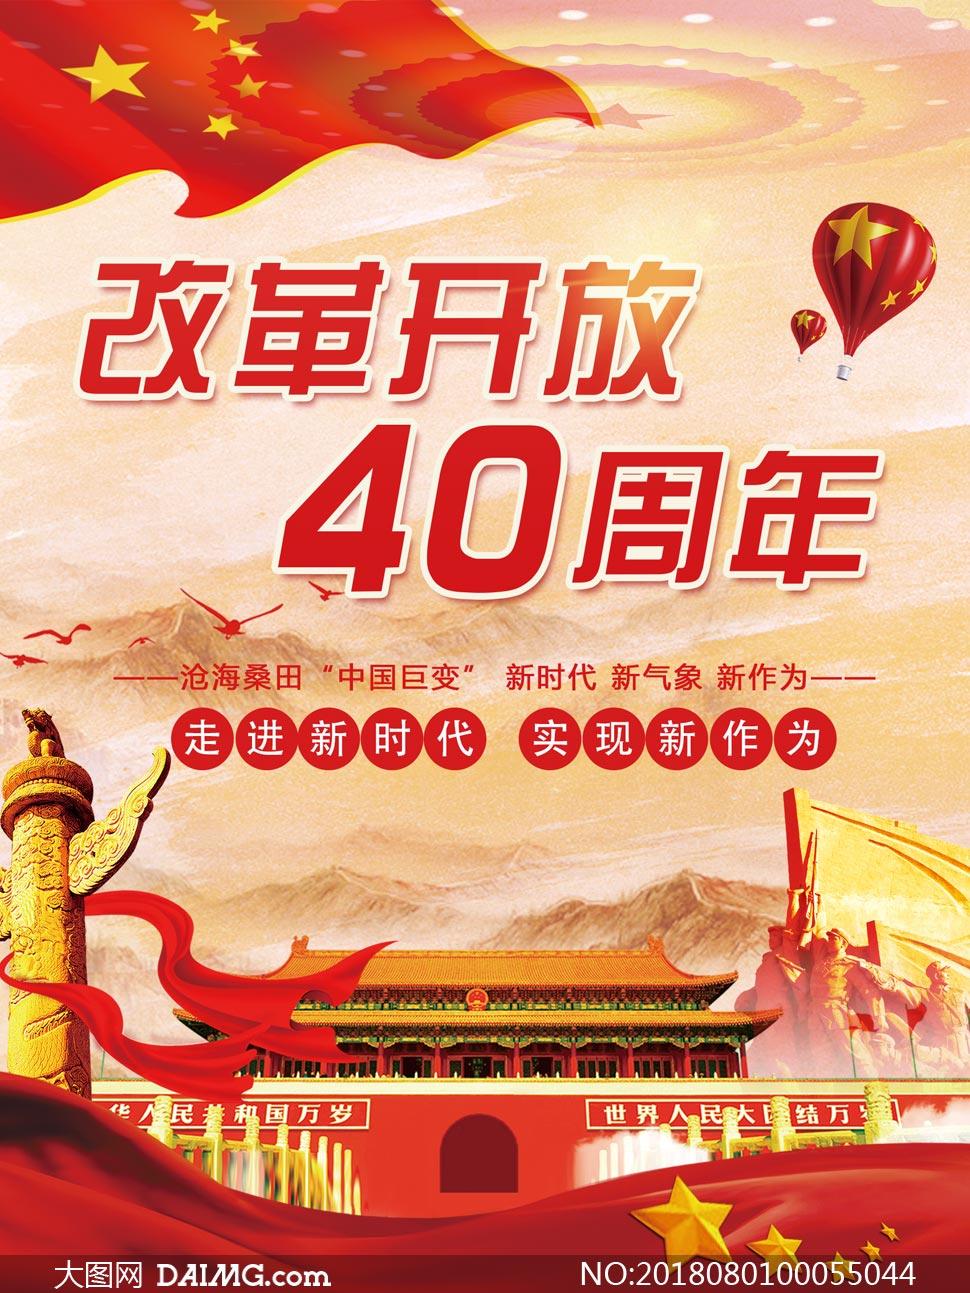 改革开放40周年宣传海报psd模板